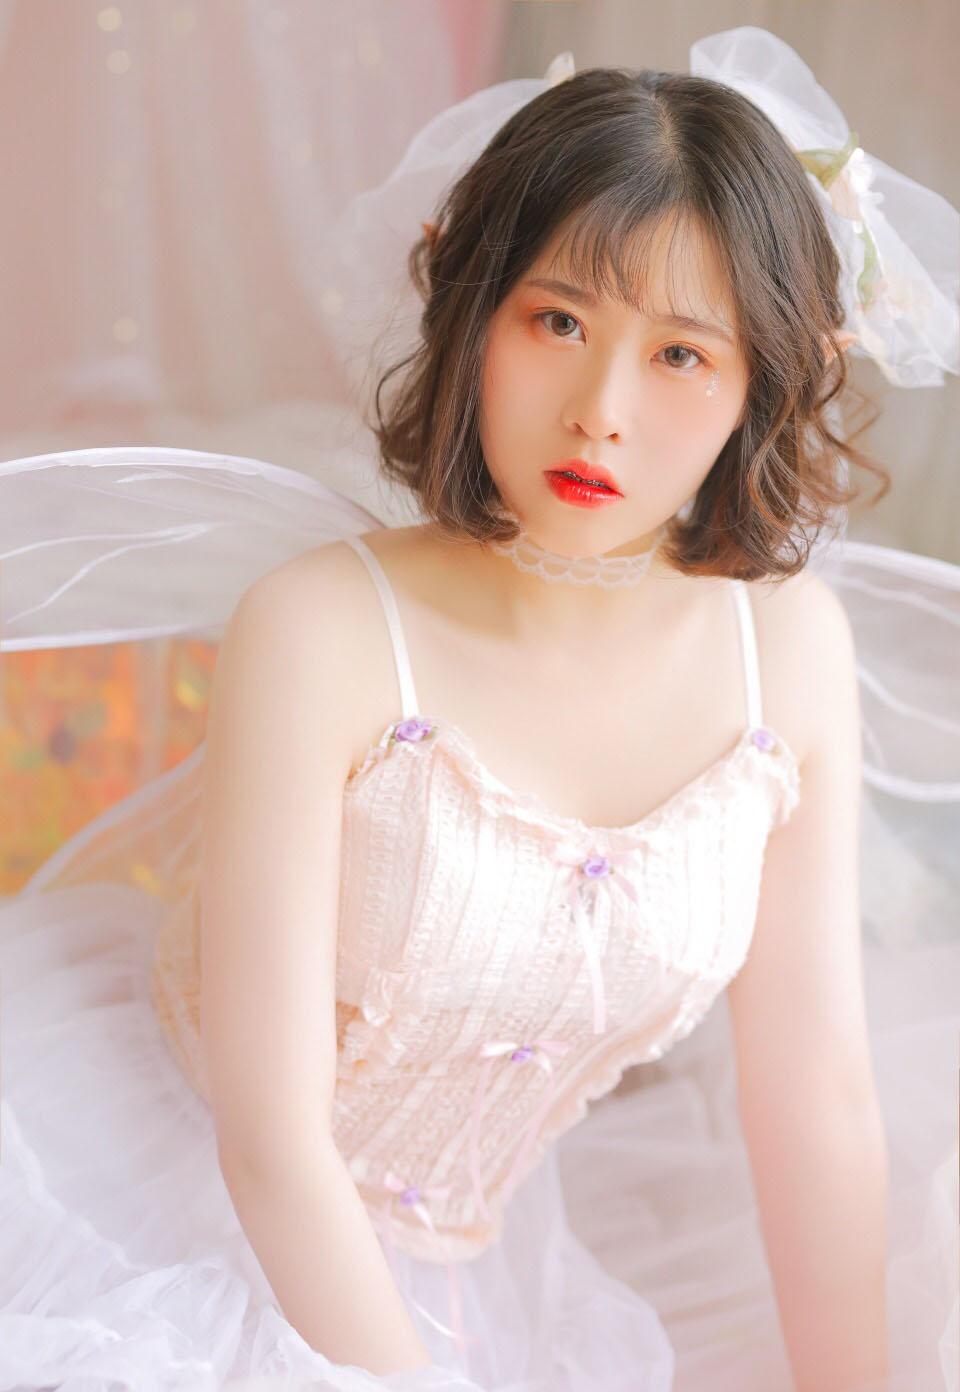 夏日泳池美女性感泳衣湿身诱惑撩人写真